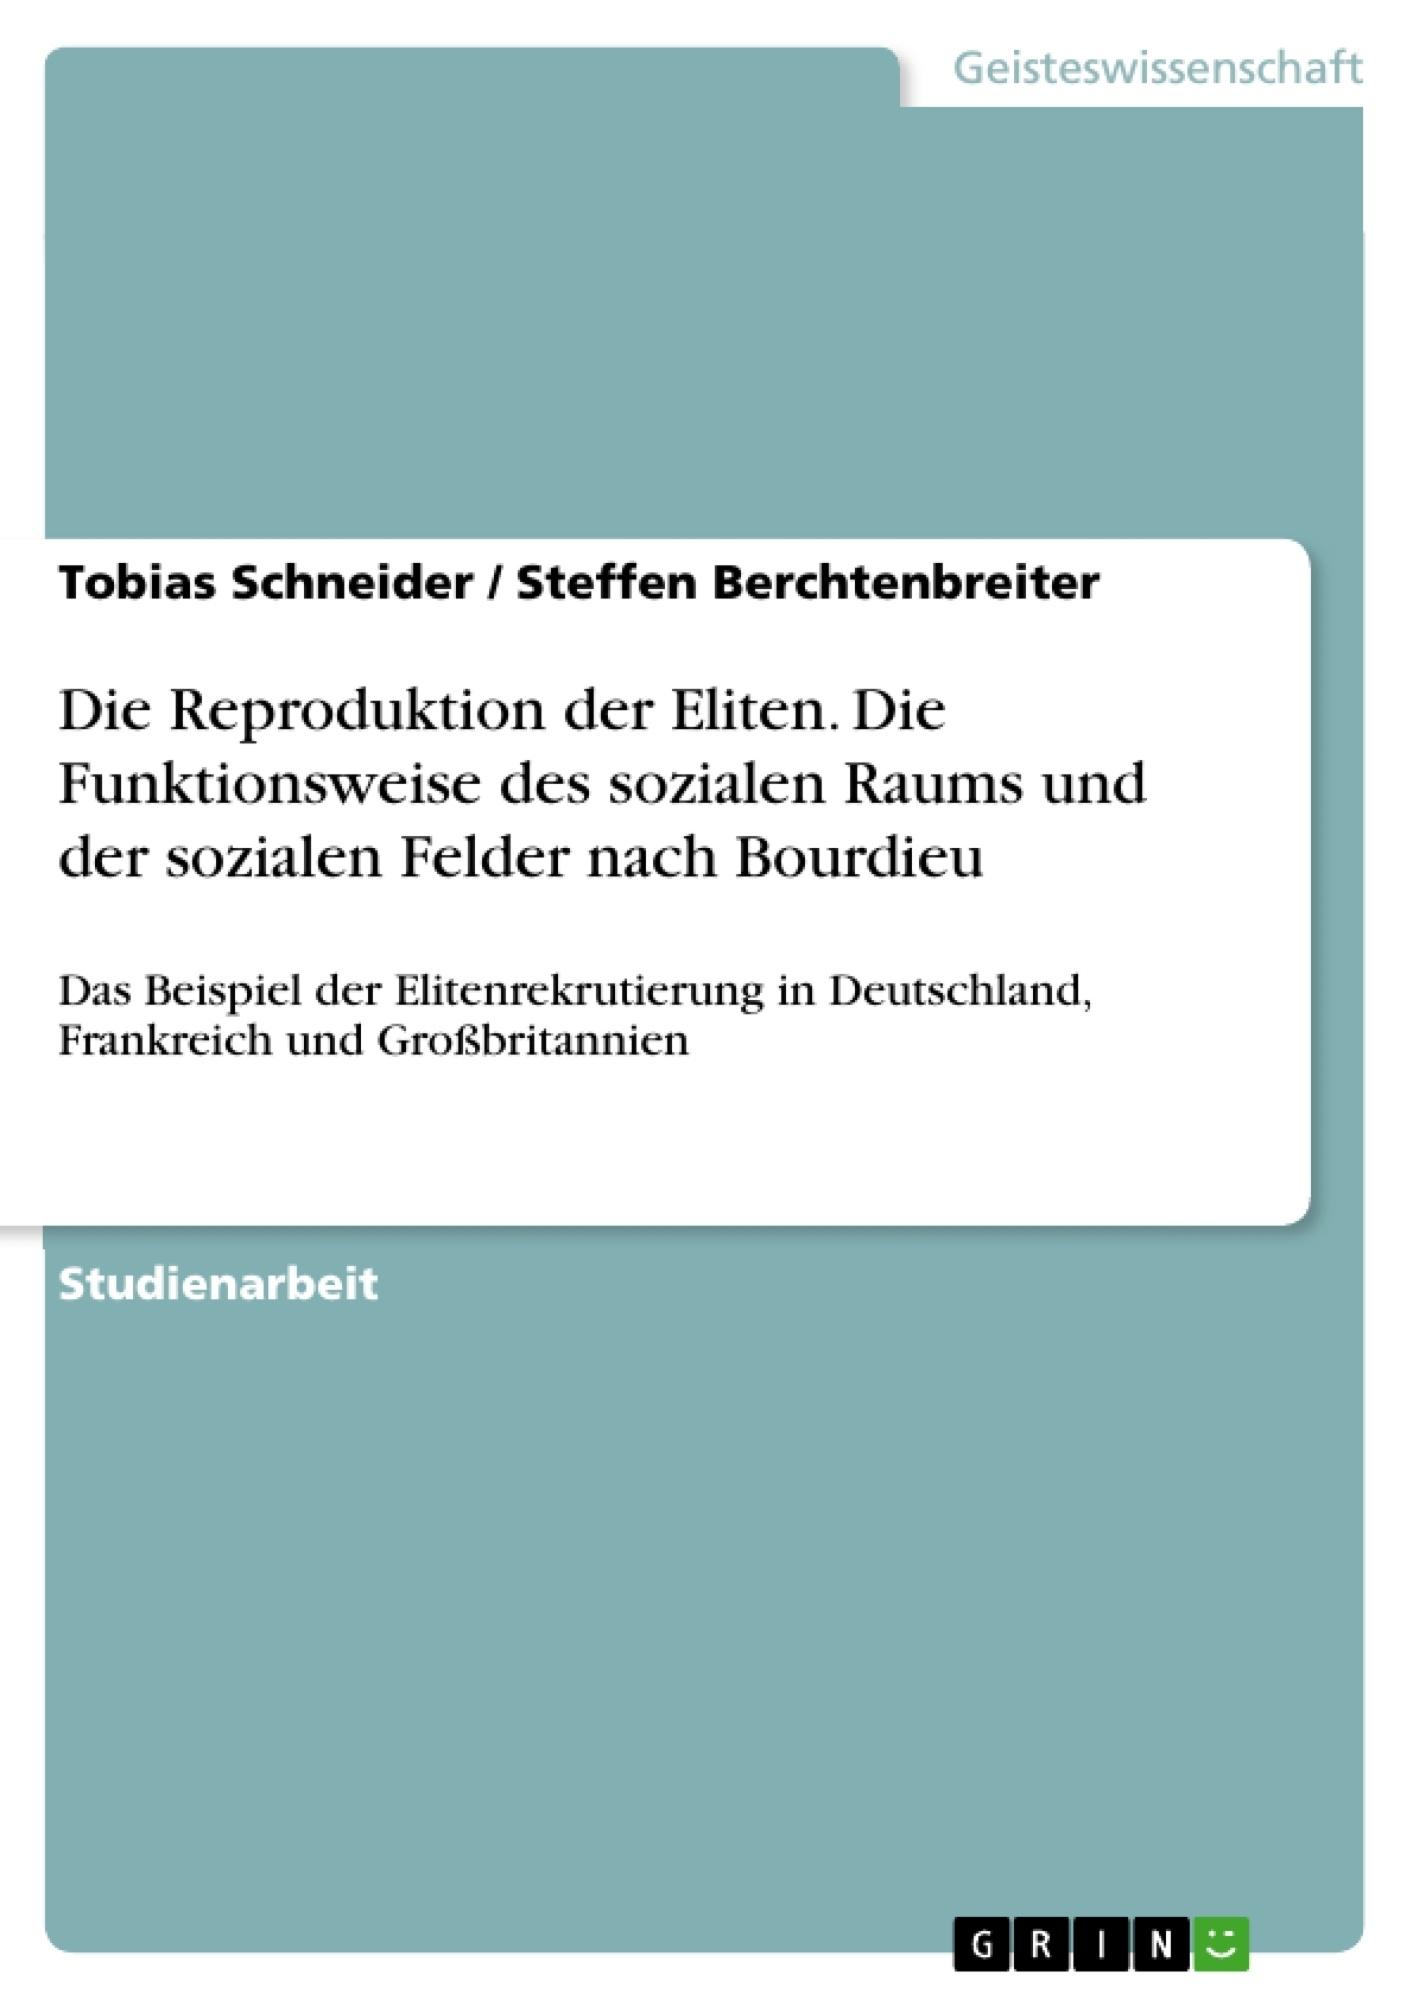 Titel: Die Reproduktion der Eliten. Die Funktionsweise des sozialen Raums und der sozialen Felder nach Bourdieu